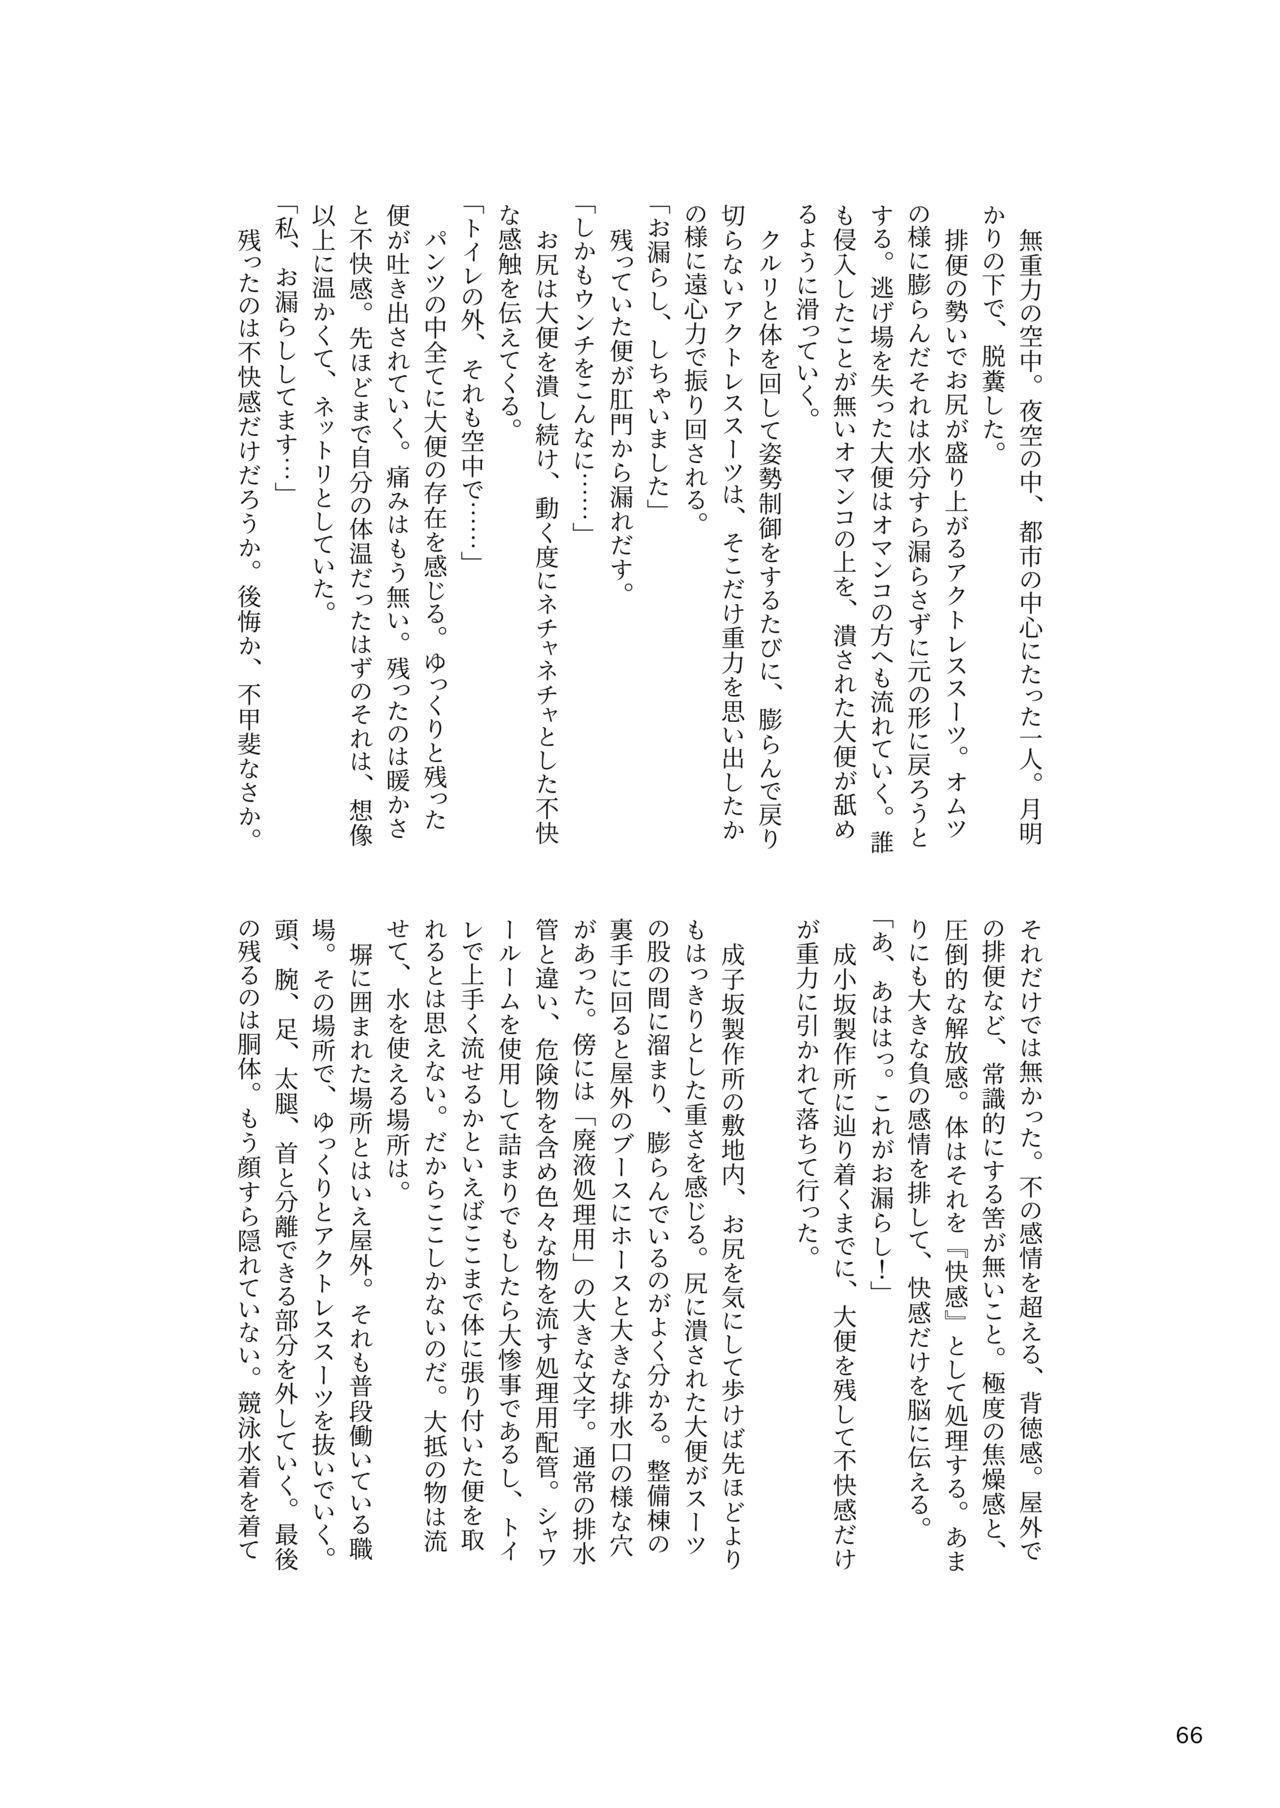 ア○スギア総合スカトロアンソロジー アクトレス排泄実態調査任務~スカポためるっすか!?~ 65